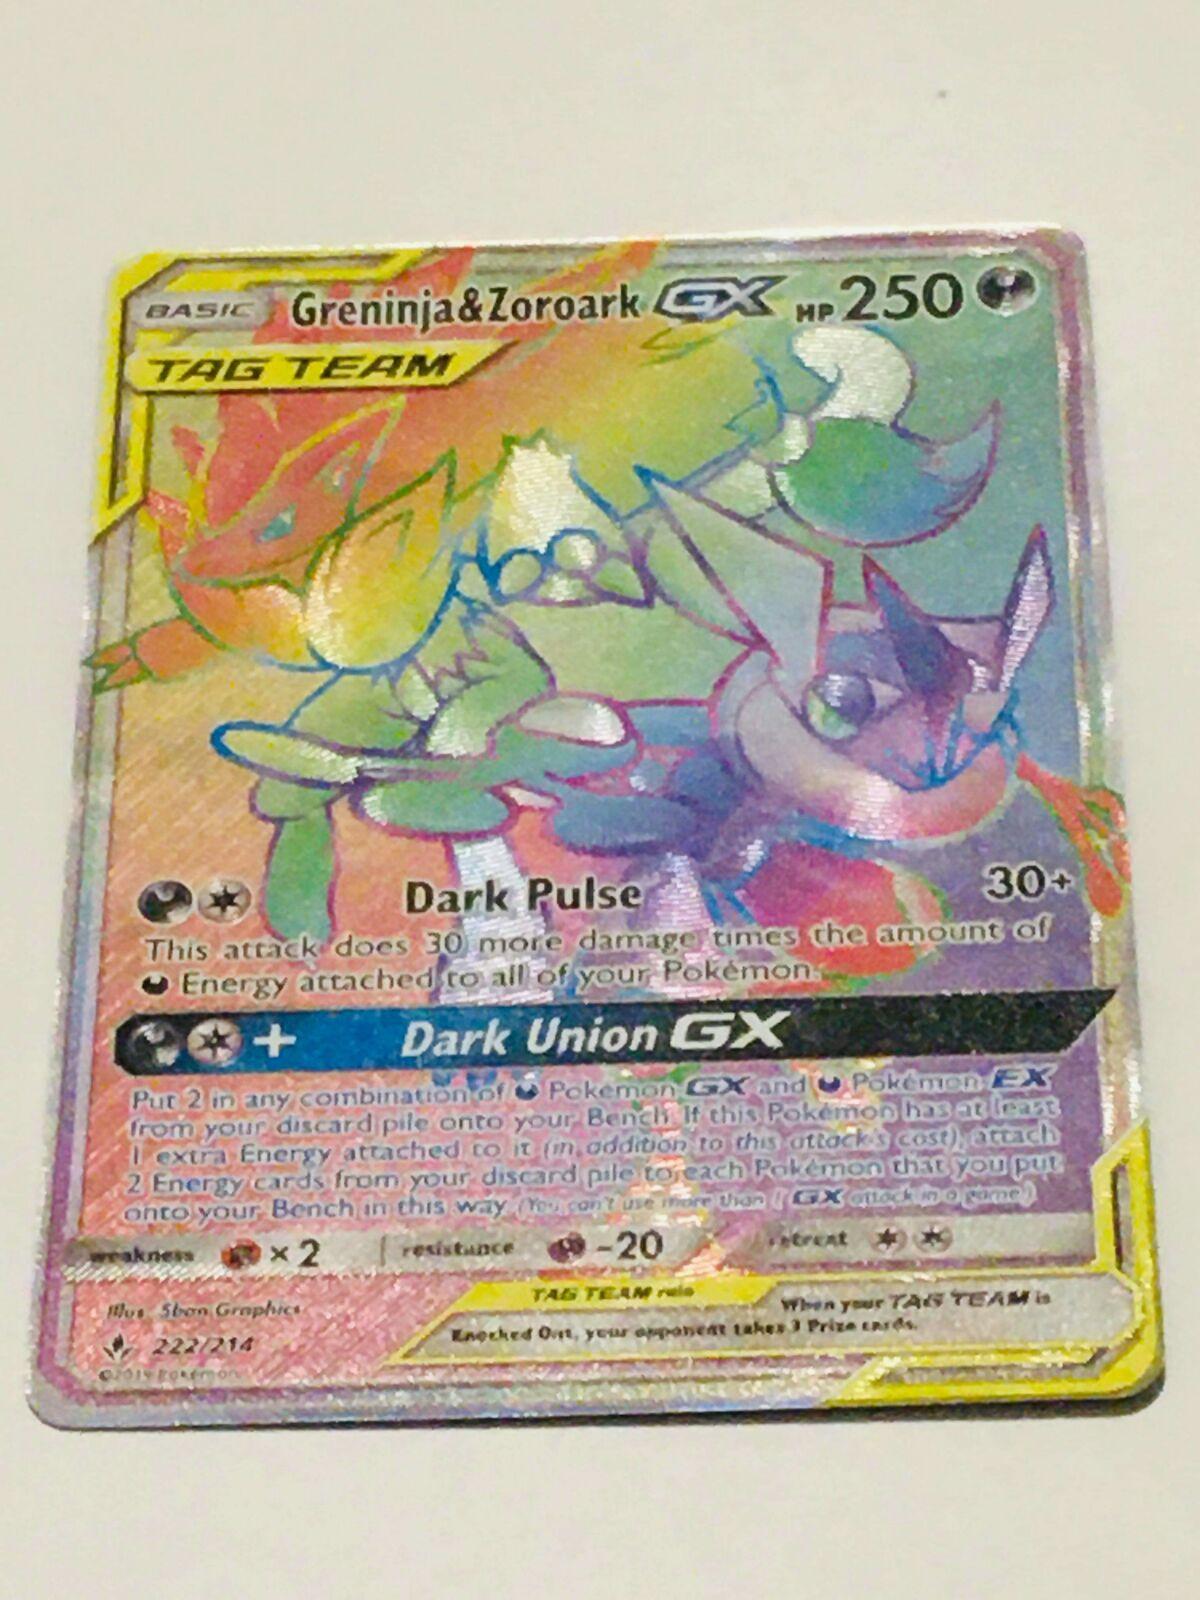 222214 greninjazoroark gx pokemon card pokemon